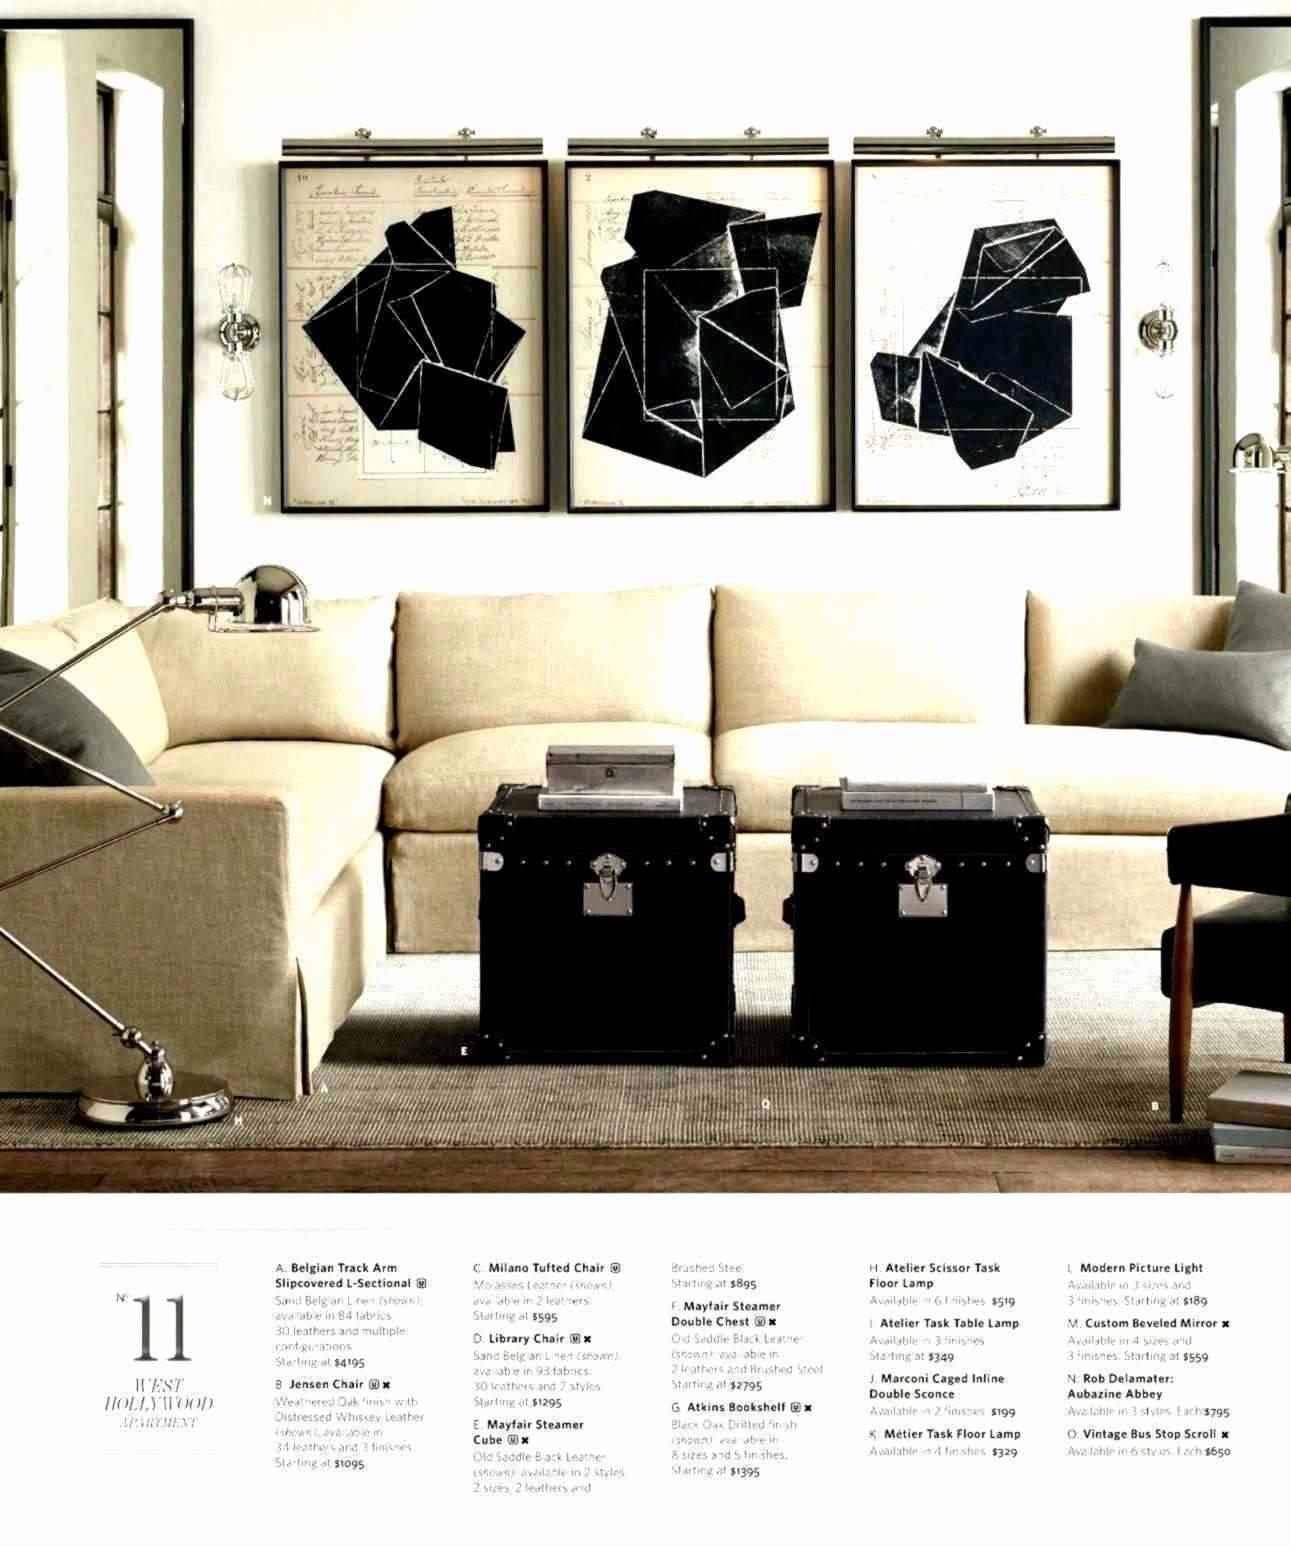 wohnzimmer gestalten modern frisch 50 tolle von wohnzimmer gestalten modern design of wohnzimmer gestalten modern